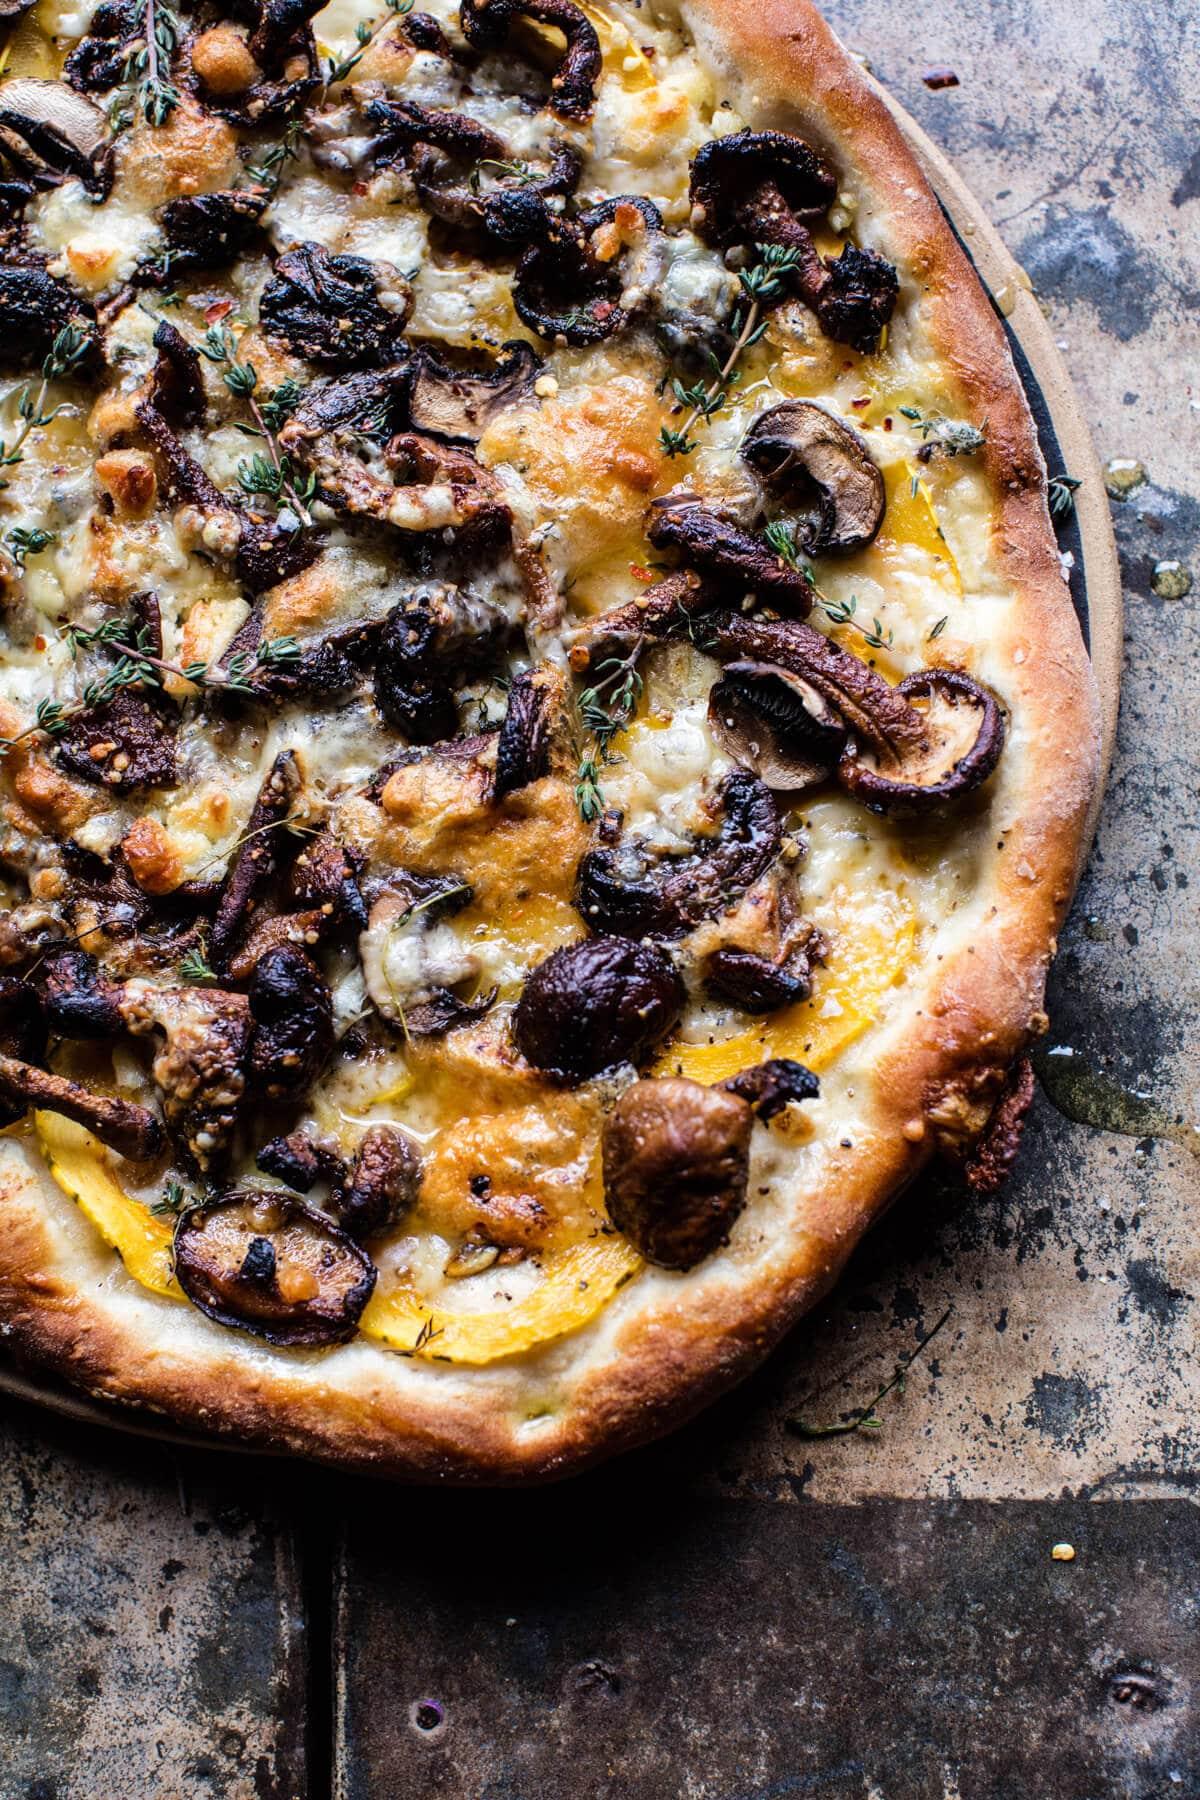 Balsamic Mushroom & Goat Cheese Pizza